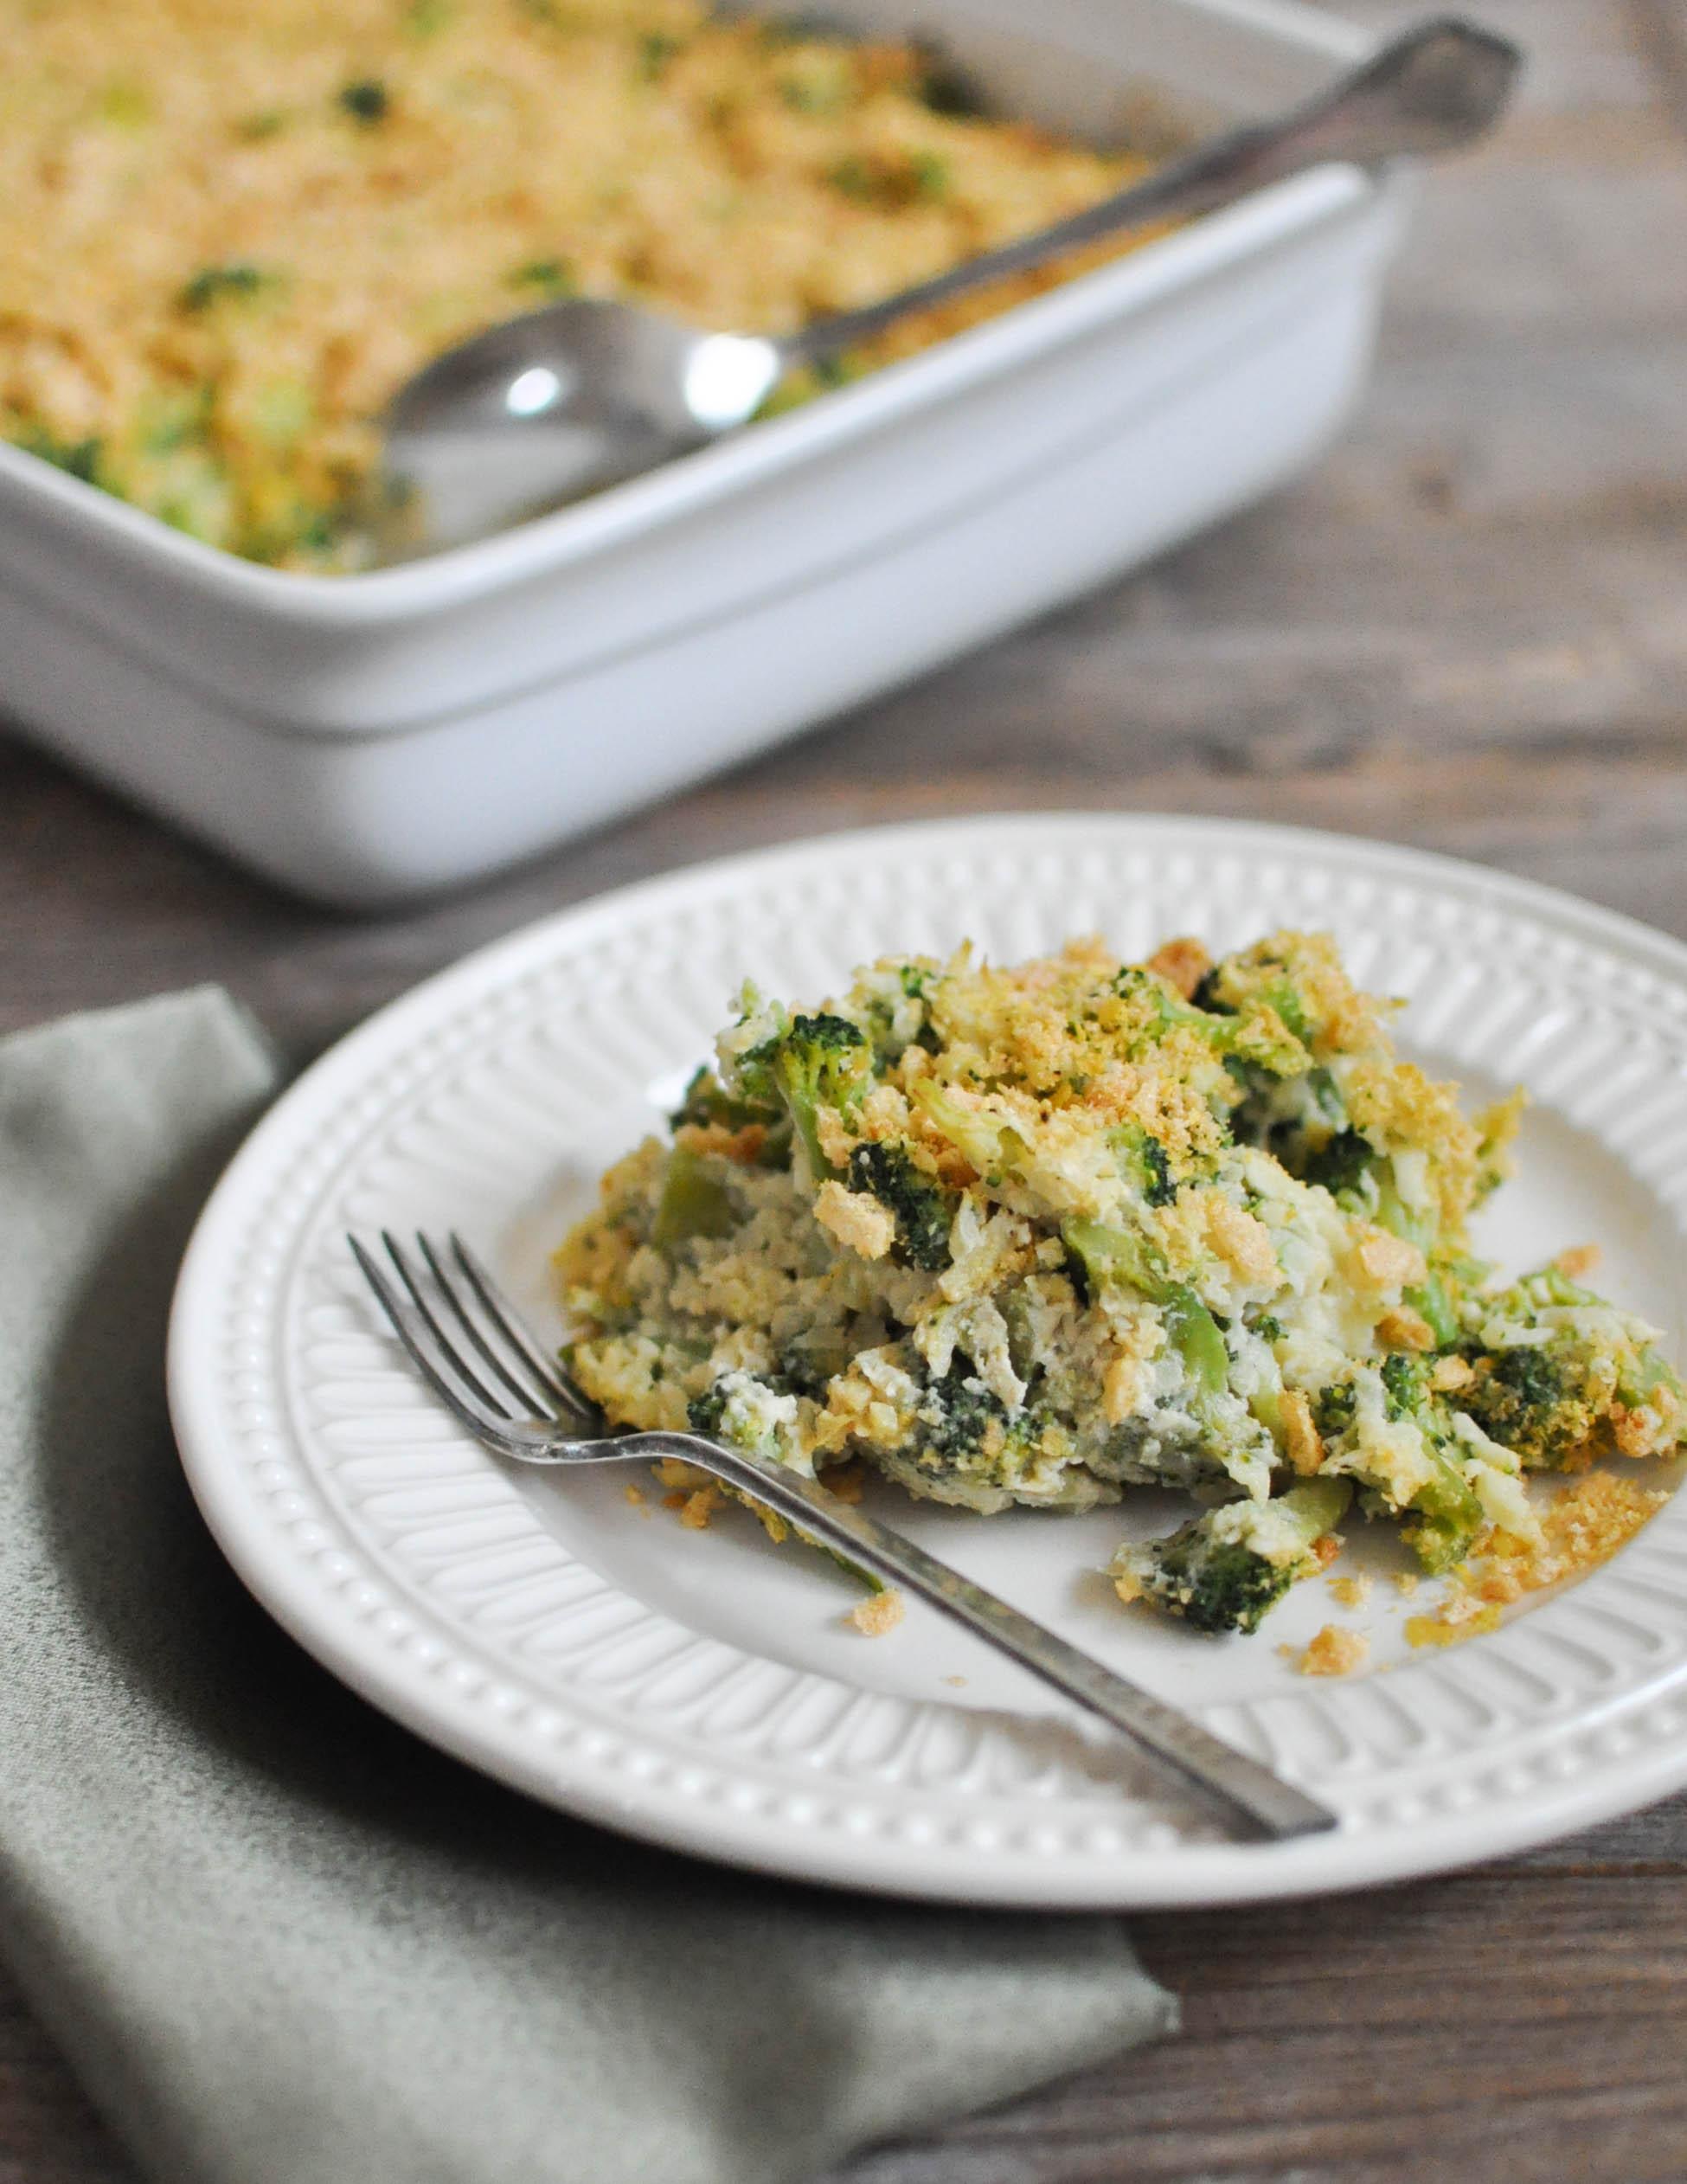 Broccoli Casserole Recipes  Paleo Cheesy Broccoli Casserole Fed & Fit